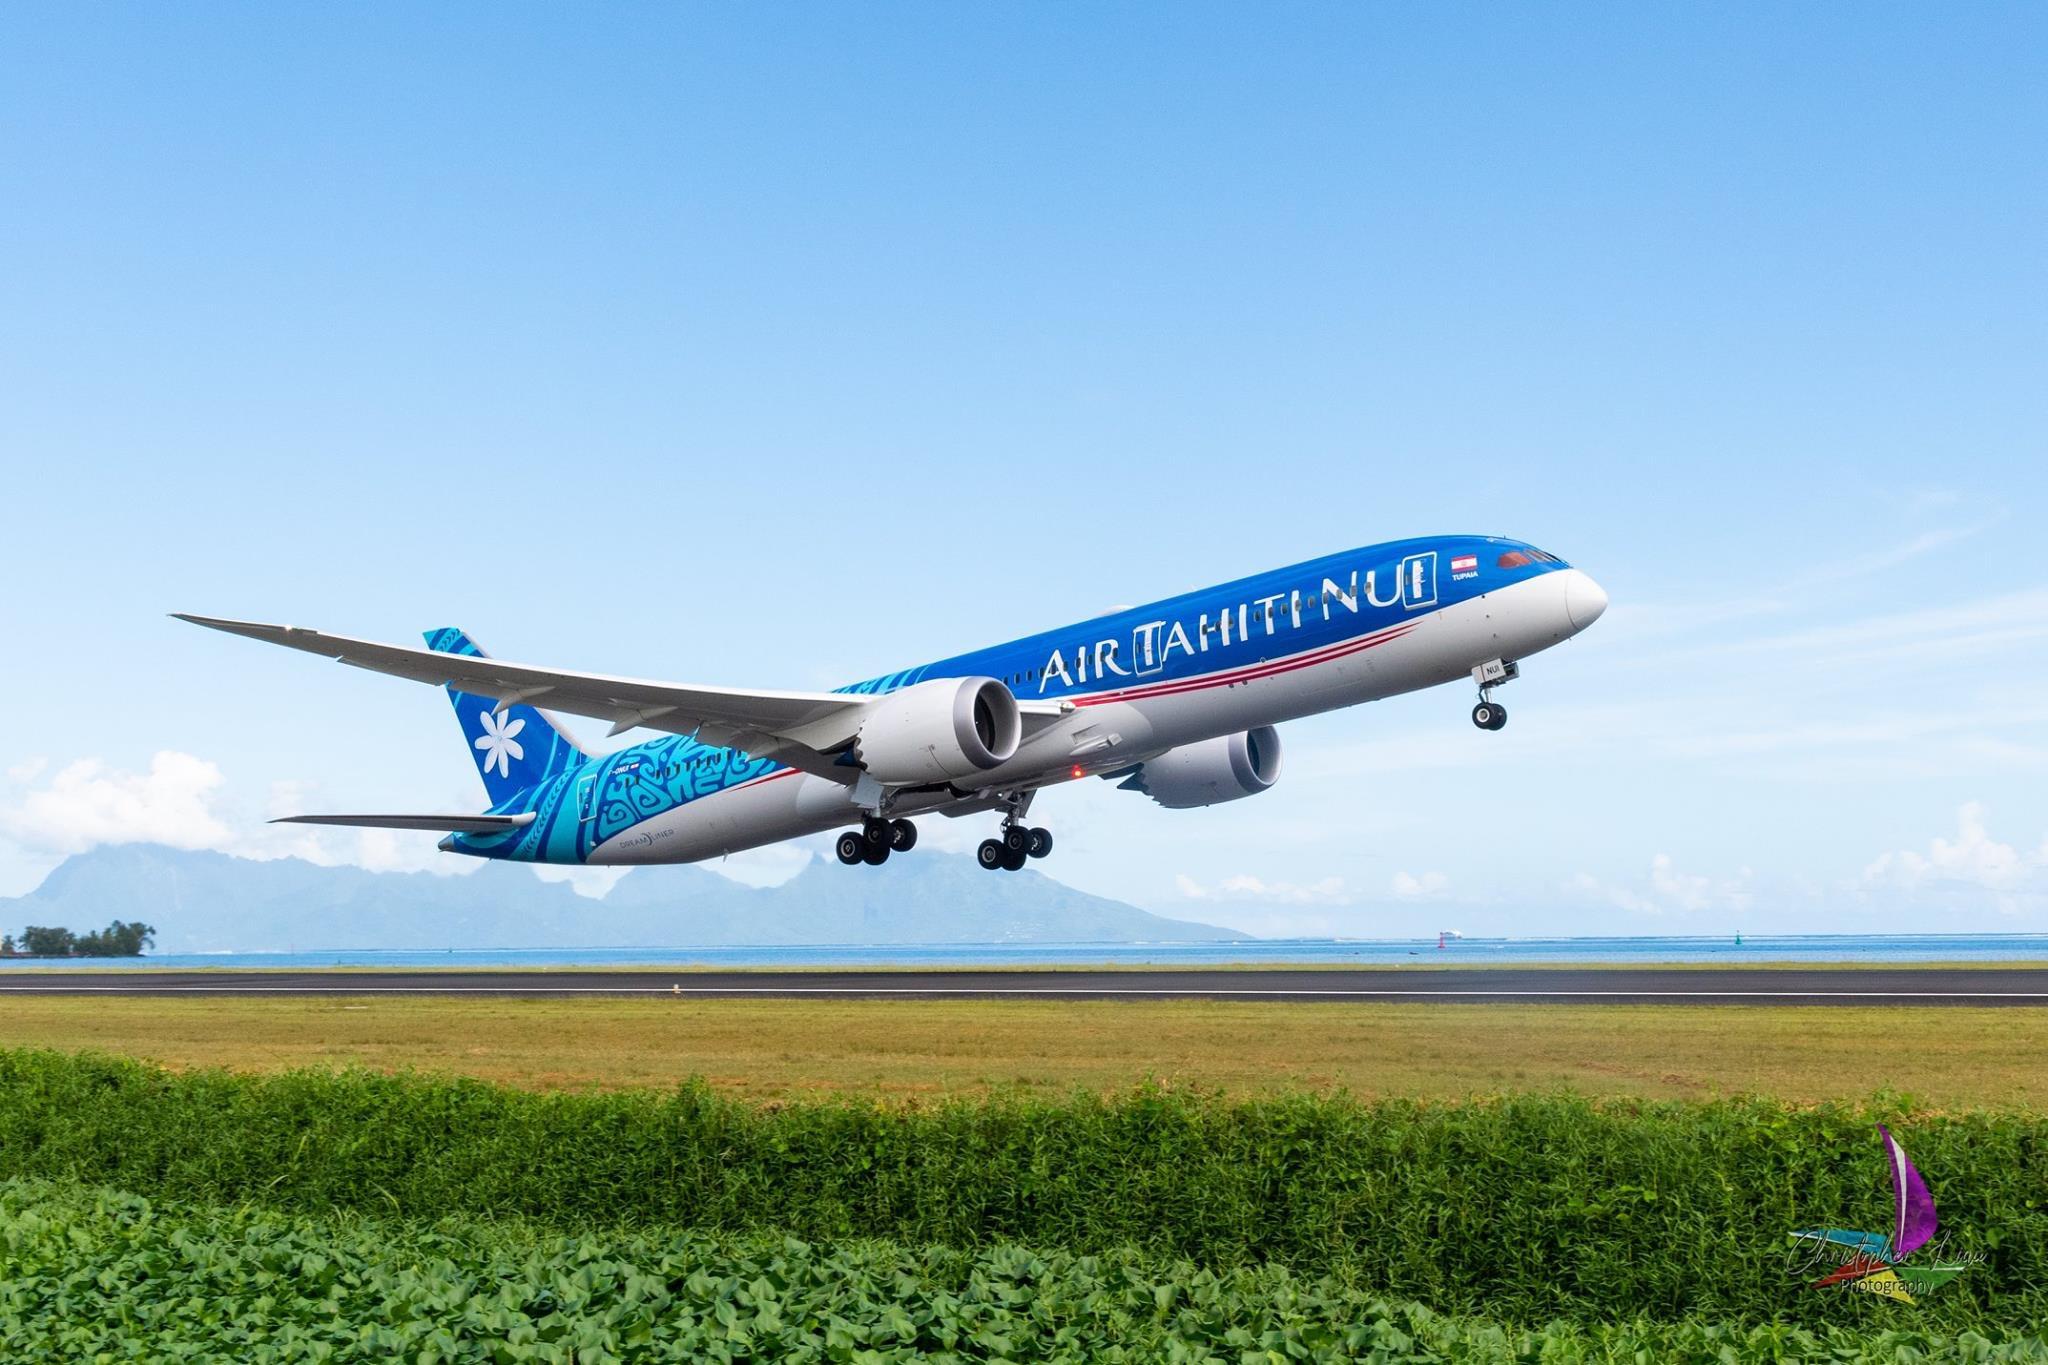 Desserte aérienne : Air Tahiti Nui reconnue « compagnie aérienne 5 étoiles » par l'APEX